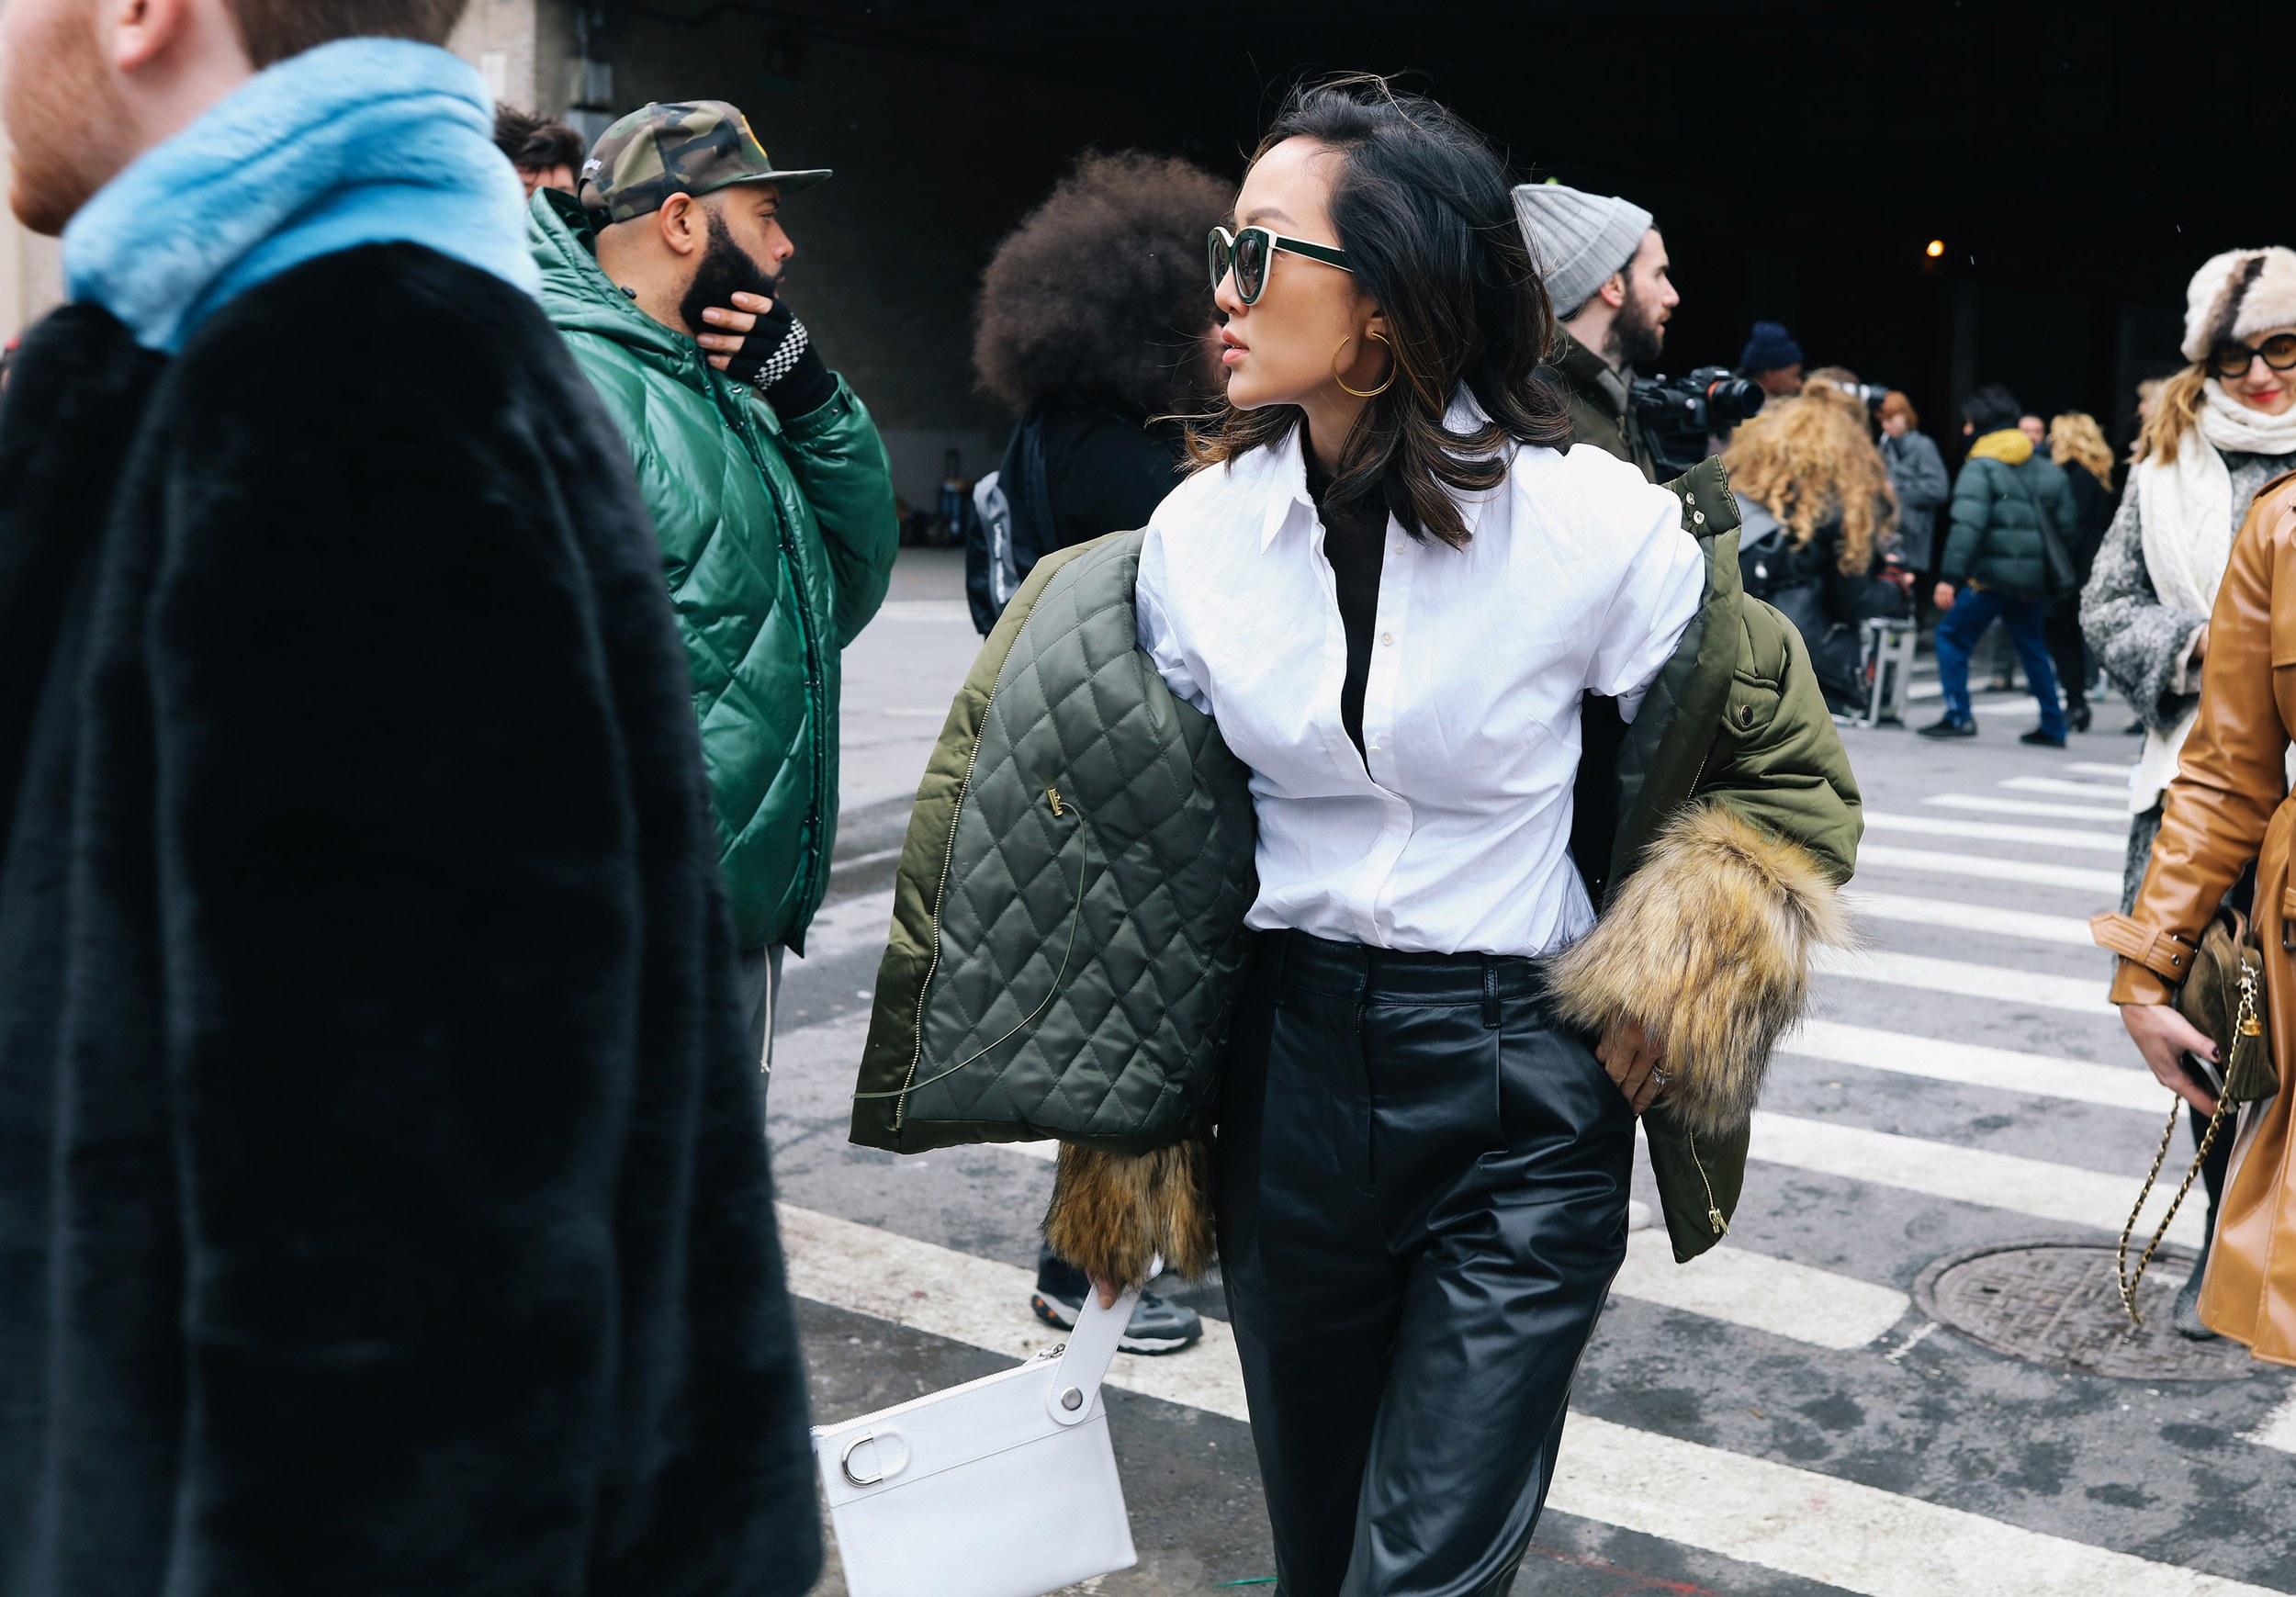 Chiêm ngưỡng đặc sản street style đẹp khó rời mắt tại Tuần lễ thời trang New York - Ảnh 14.